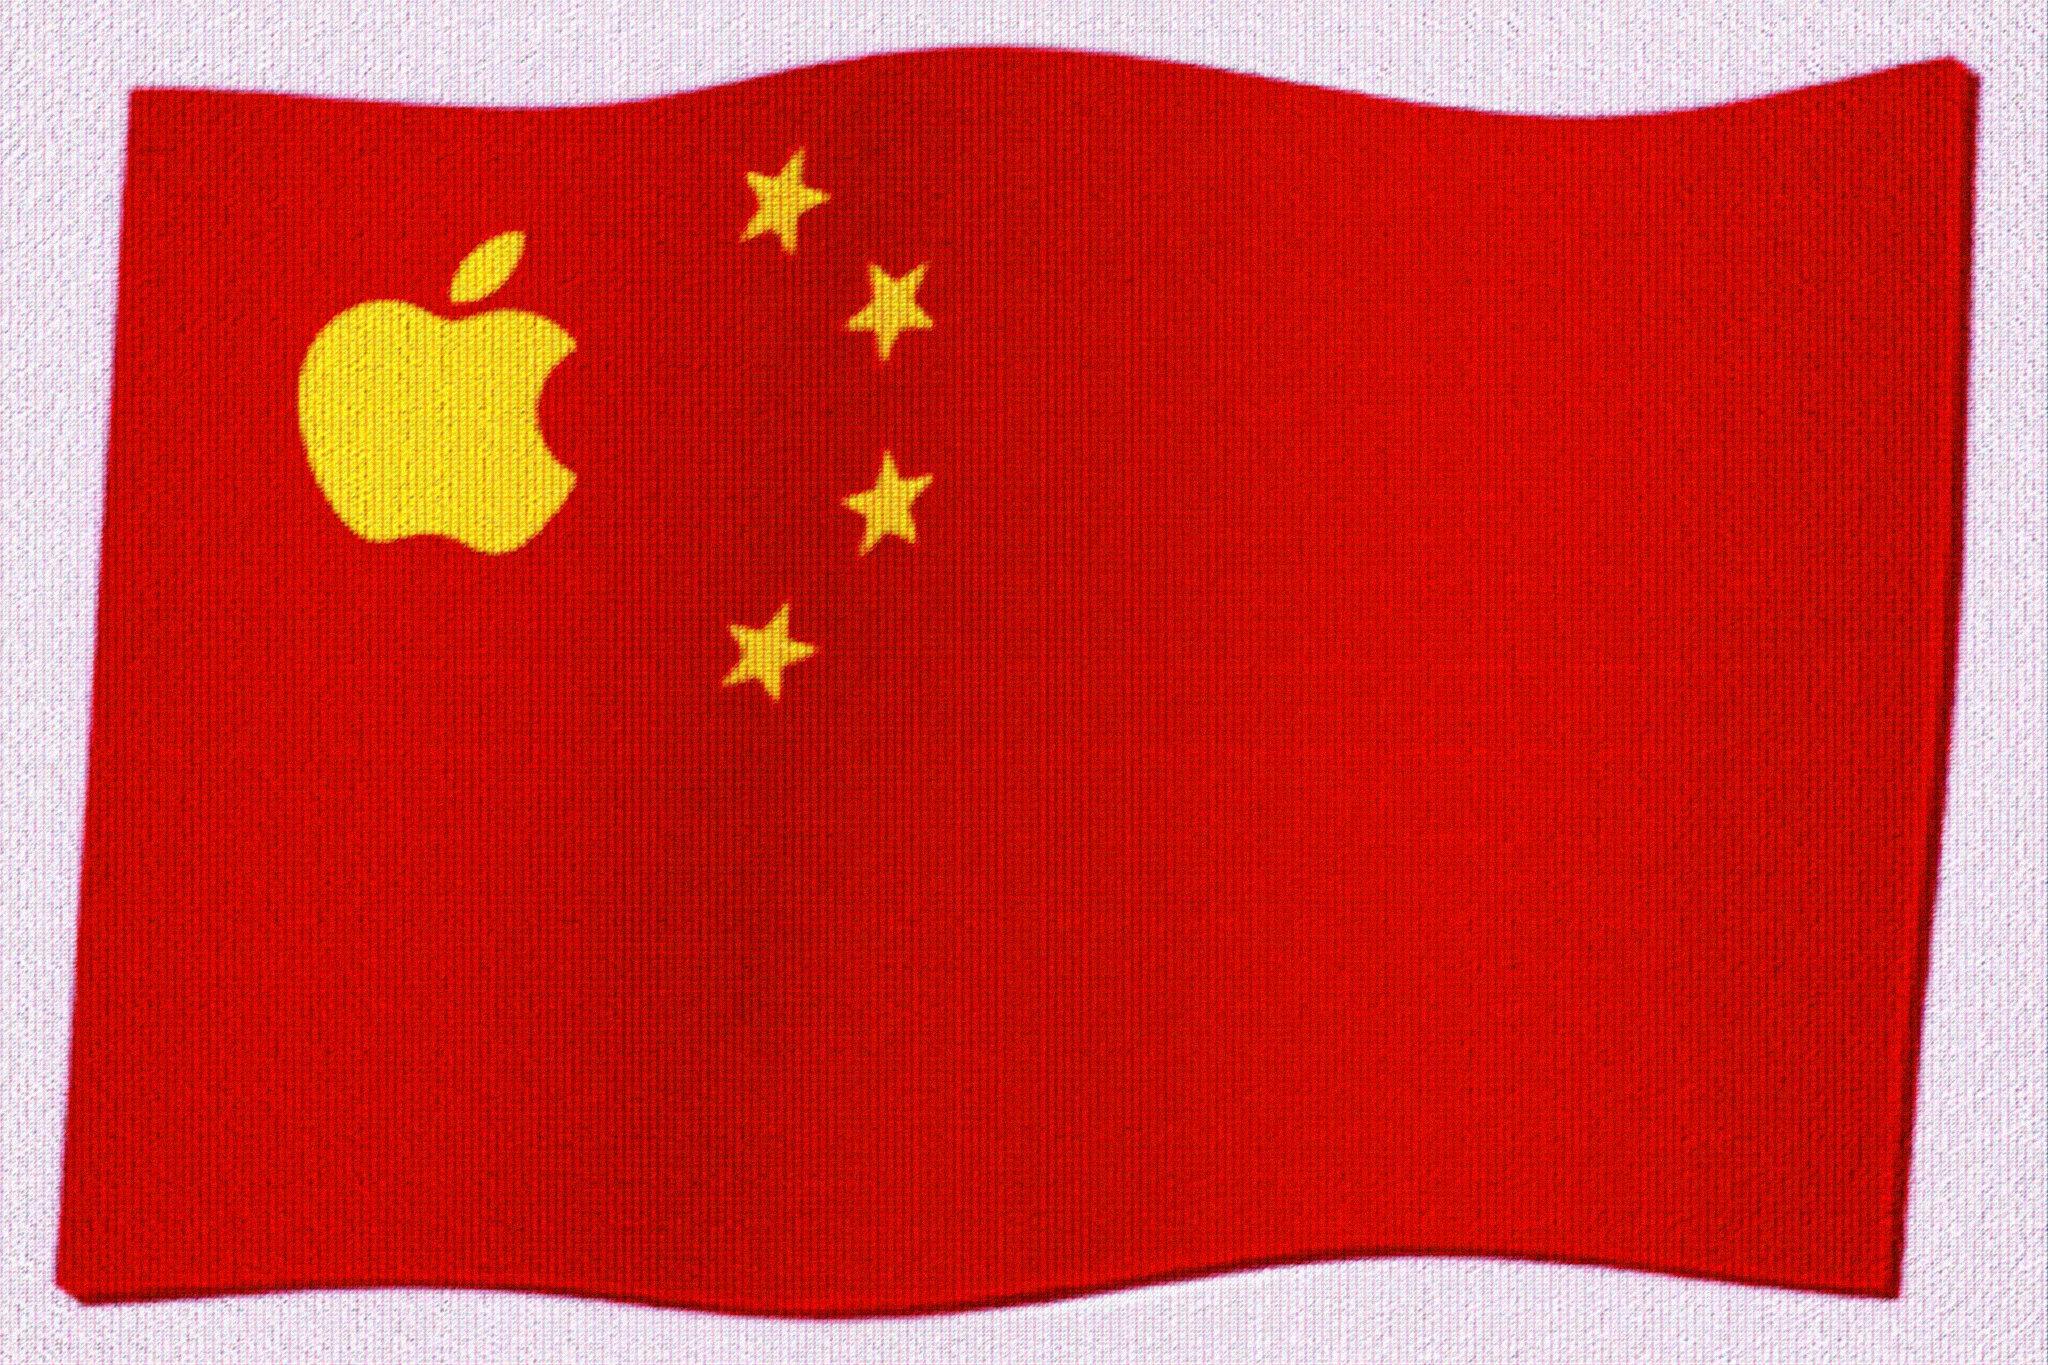 Η Κίνα δημιουργεί το δικό της ψηφιακό νόμισμα